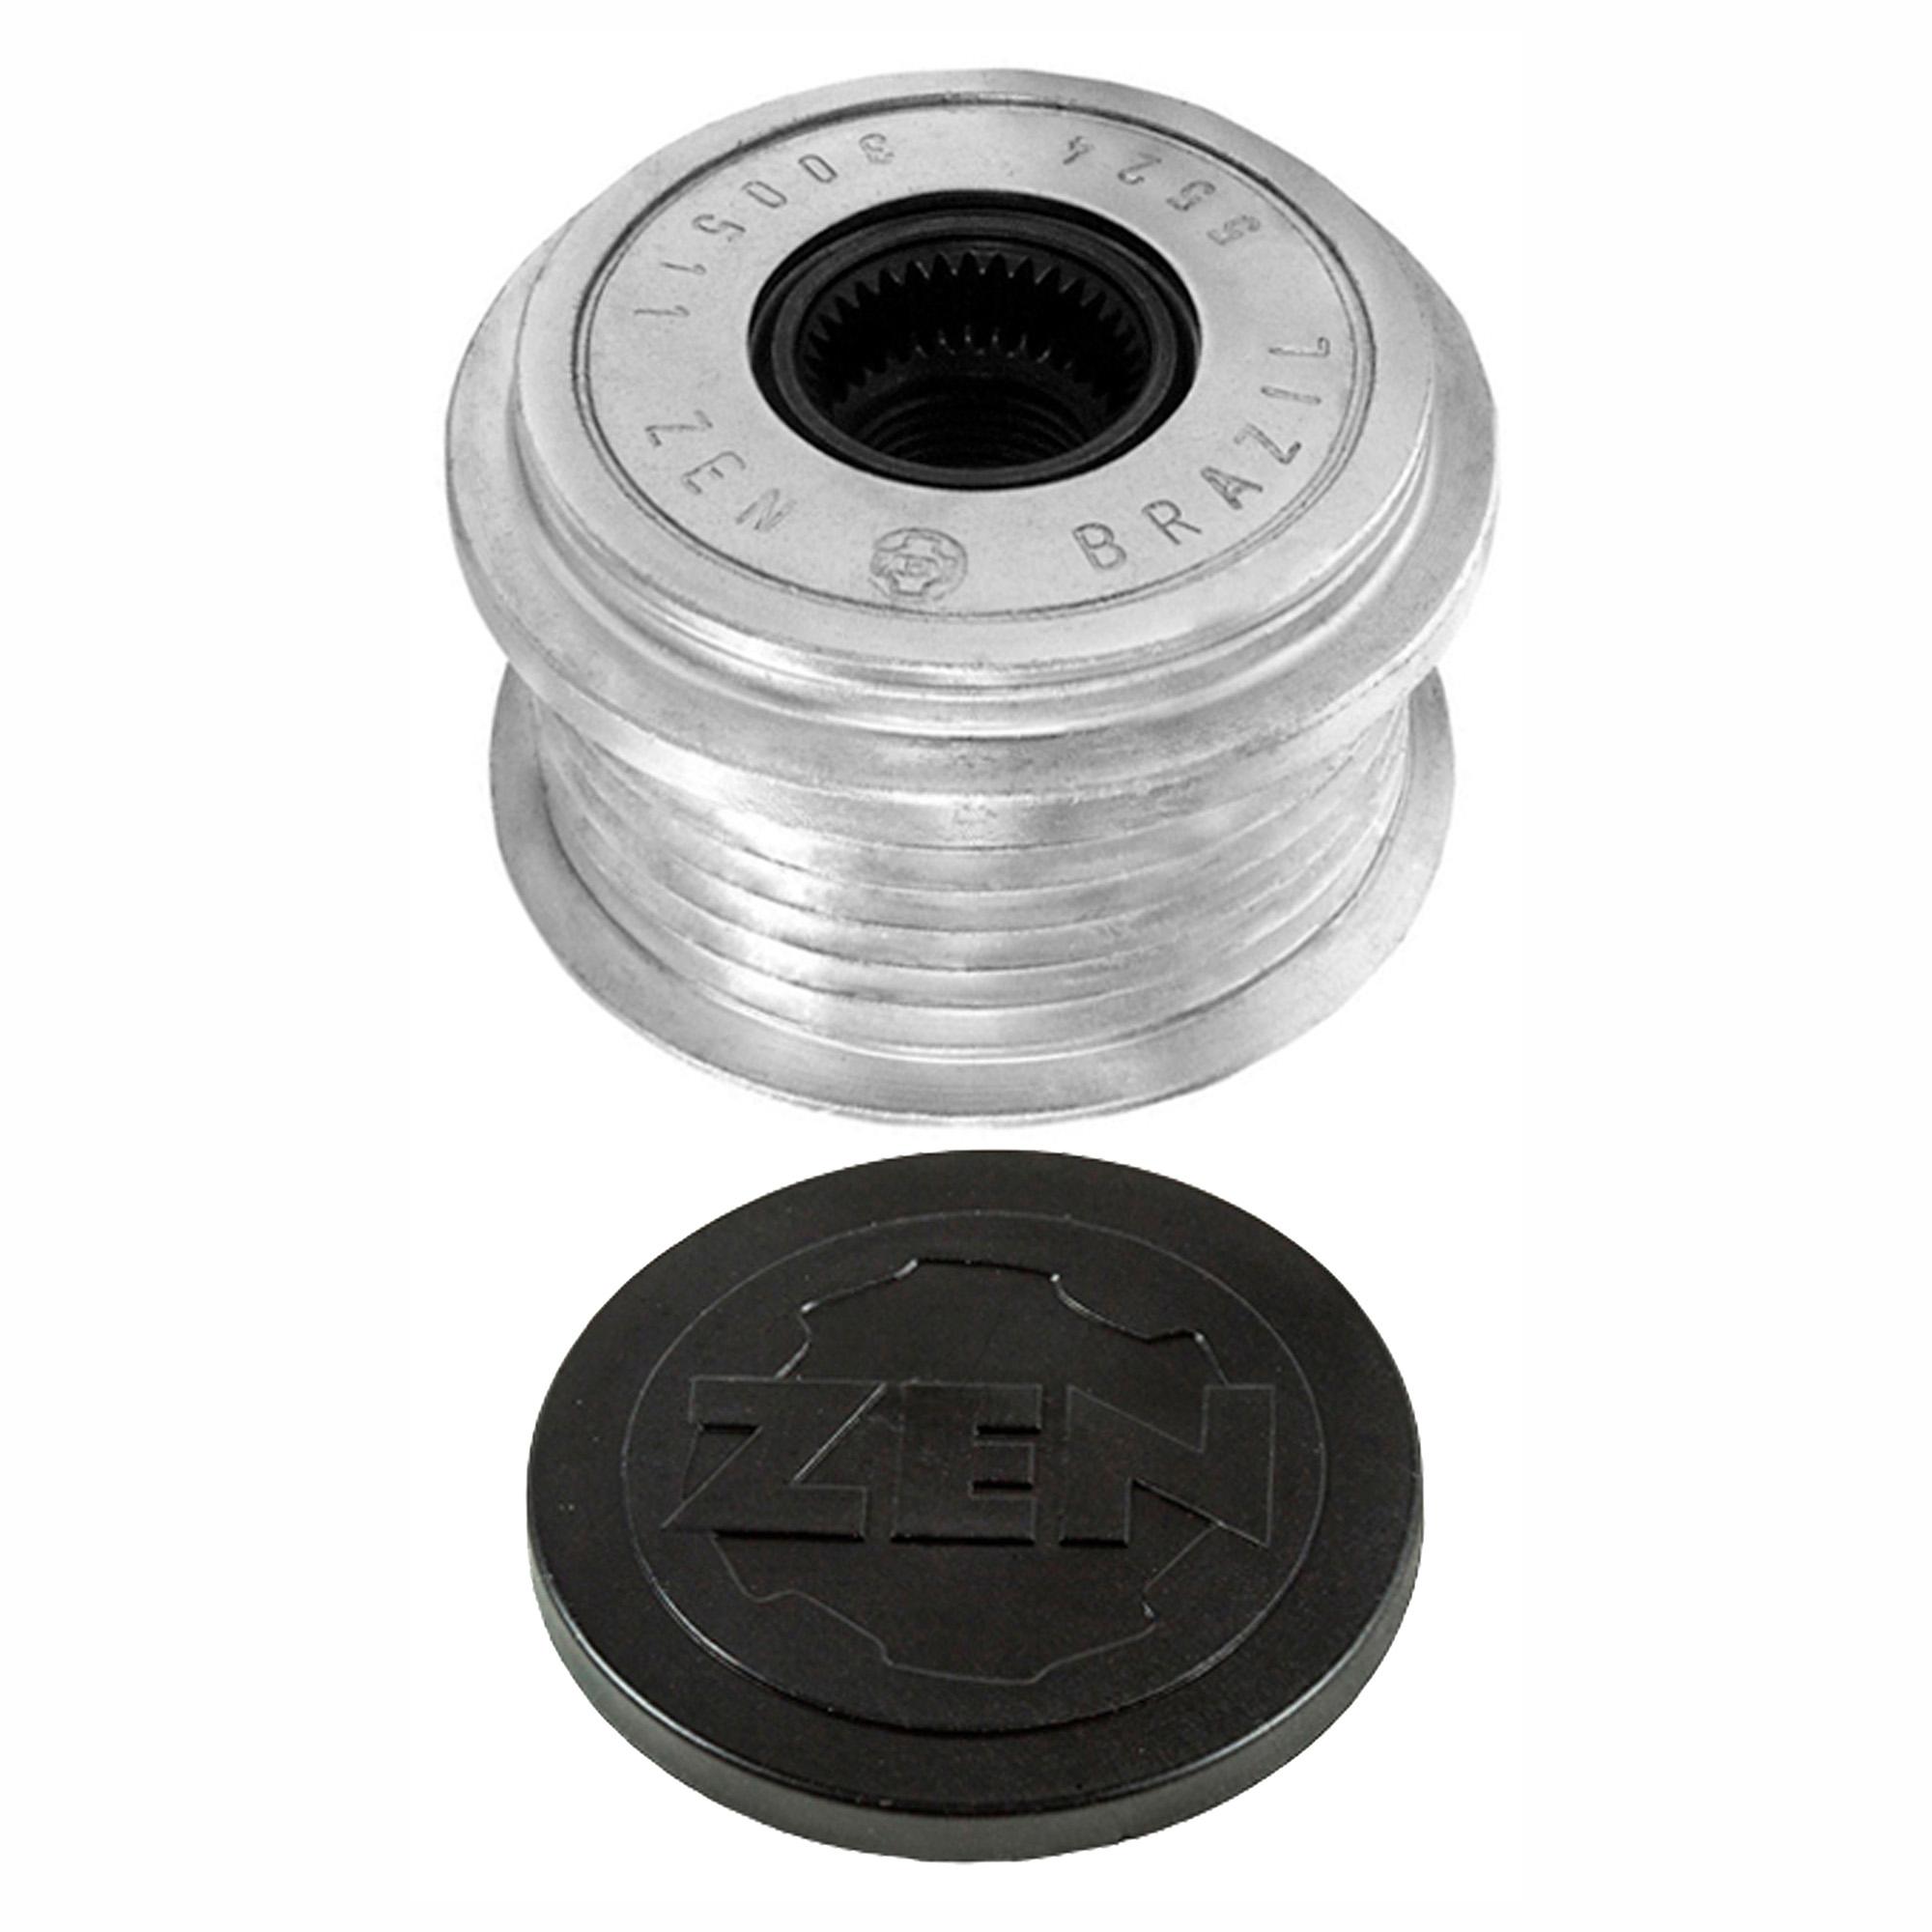 Polia Alternador Roda Livre FOCUS 2.0 (ZEN5524)